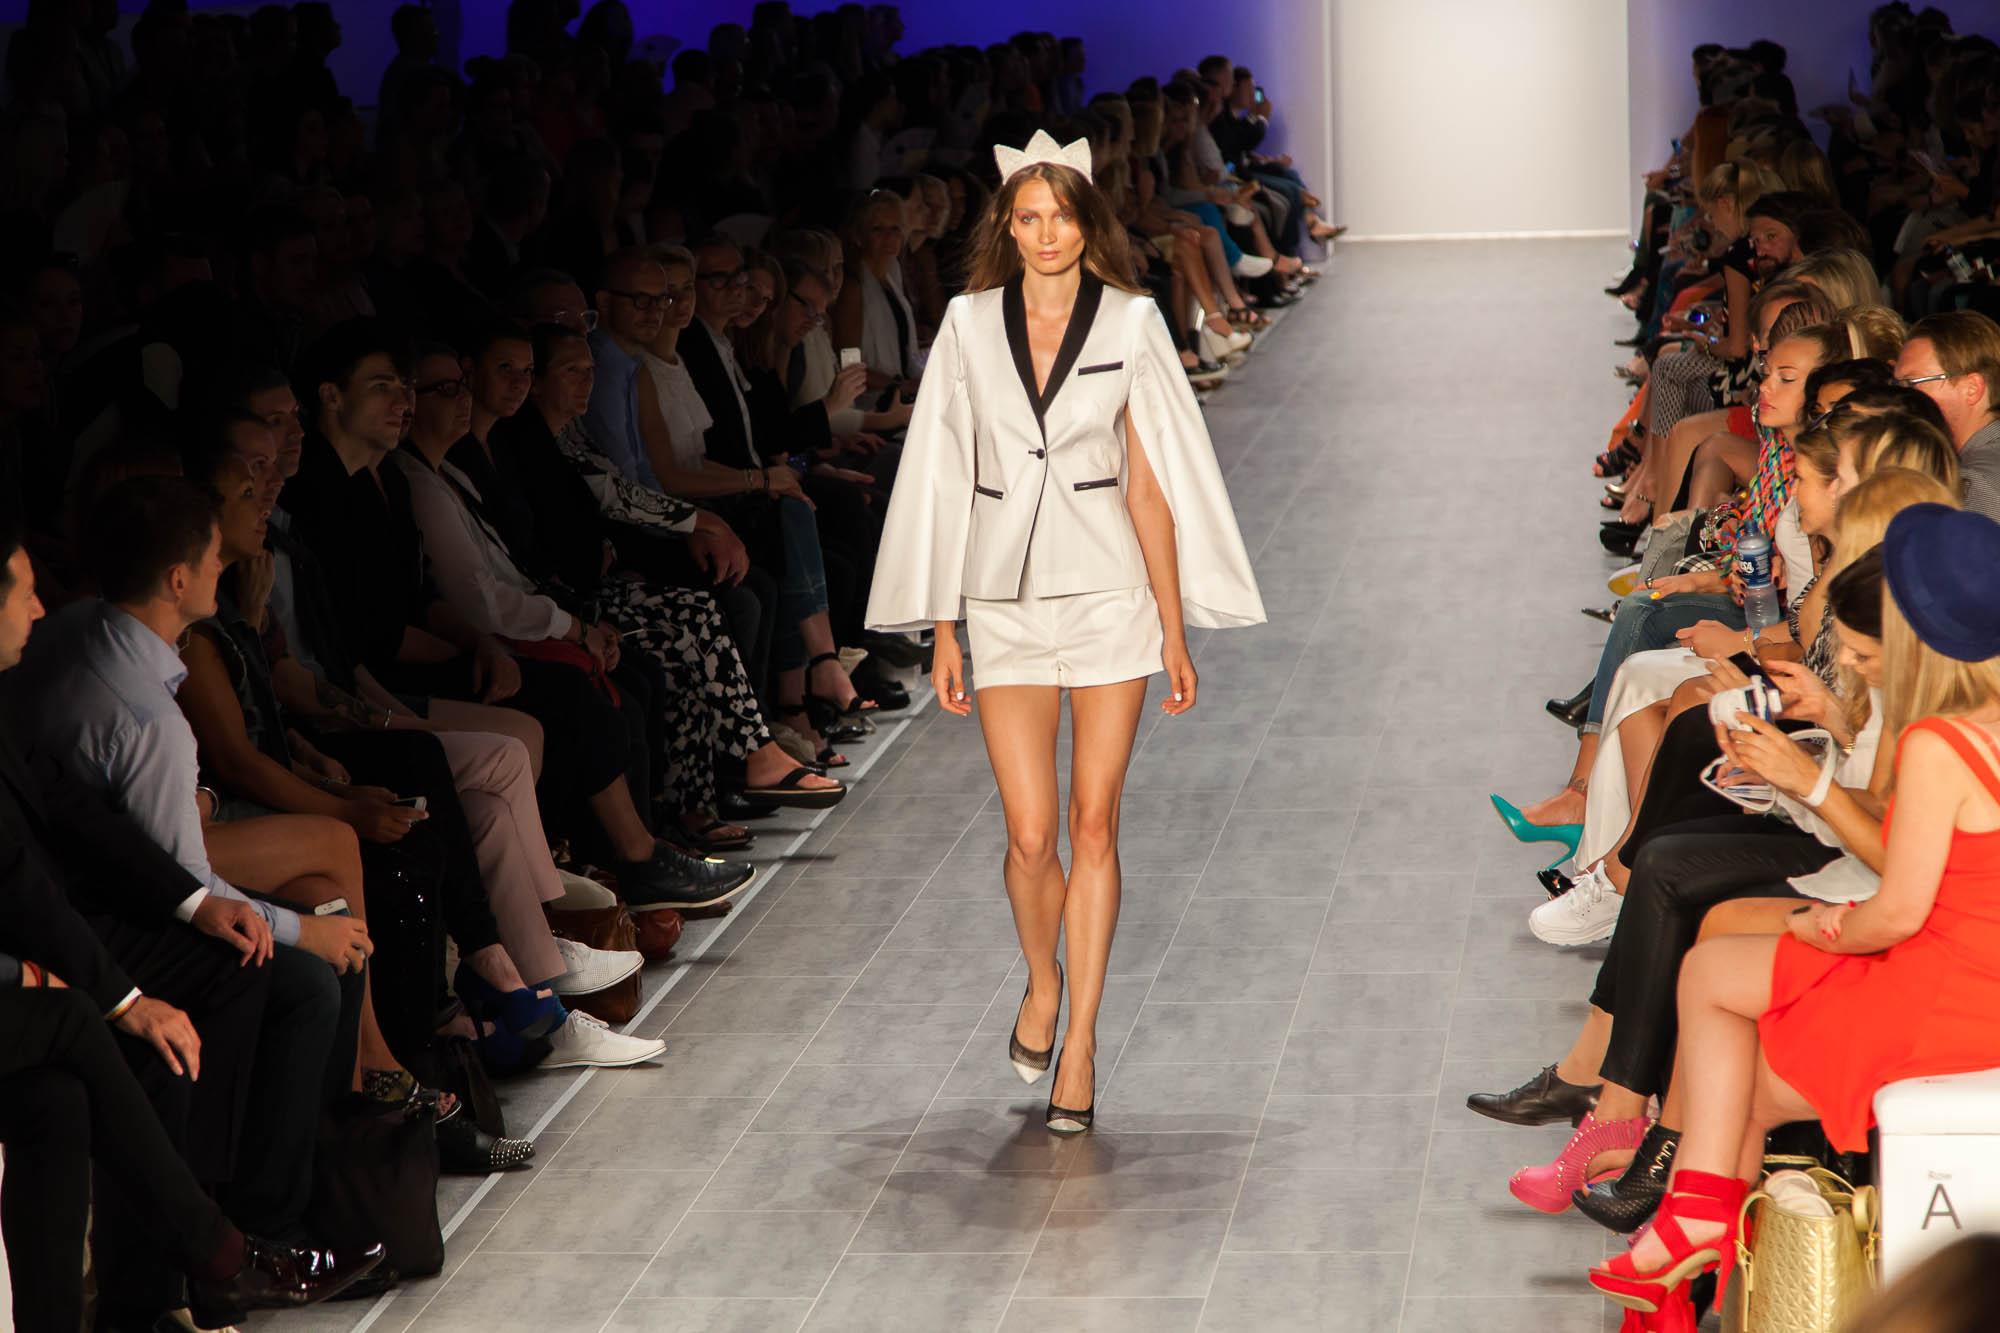 20140709-Fashionweek-glaw-07